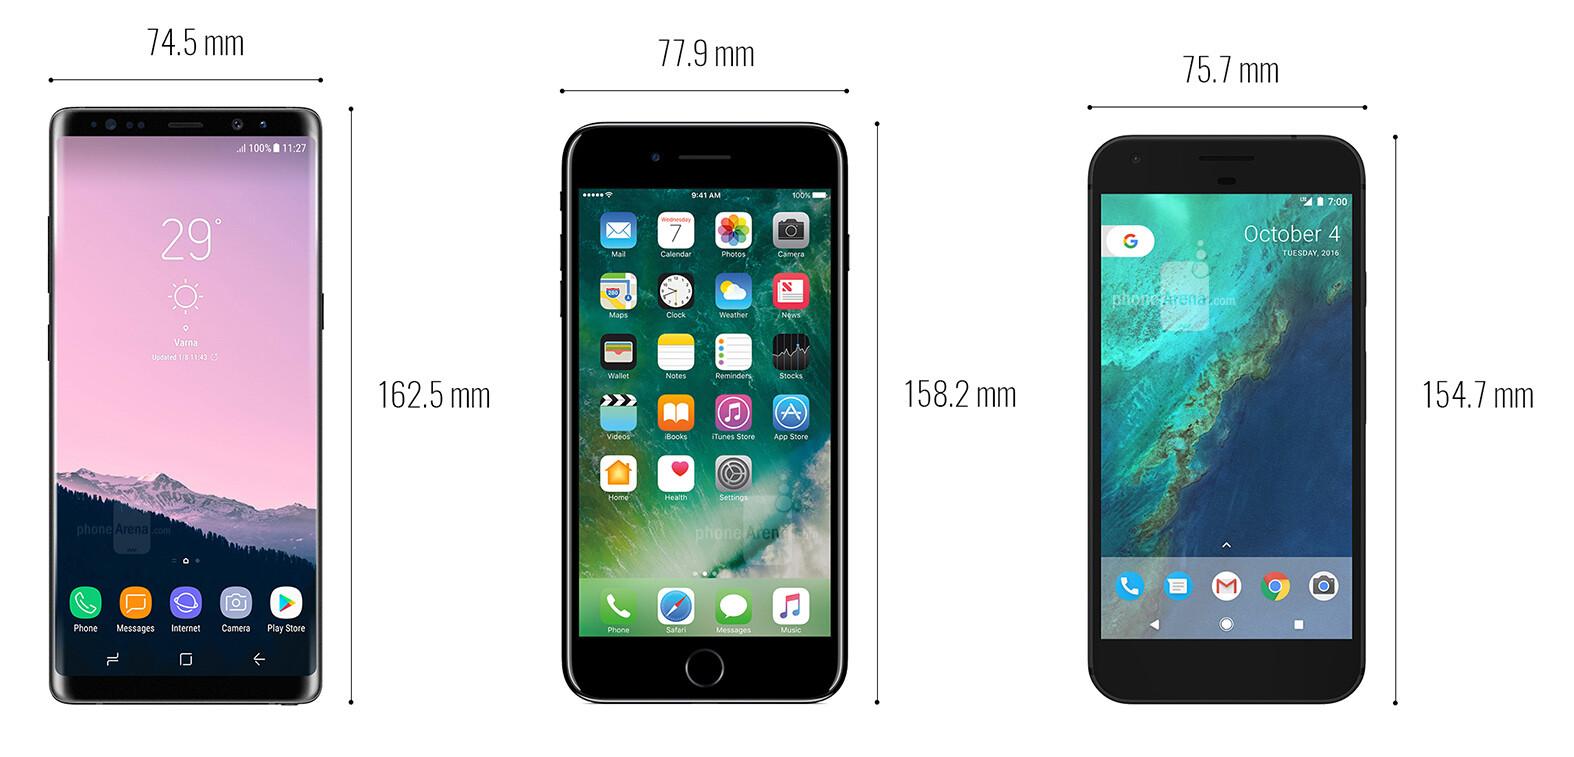 Apple IPhone 7 Plus Vs 8 Size Comparison